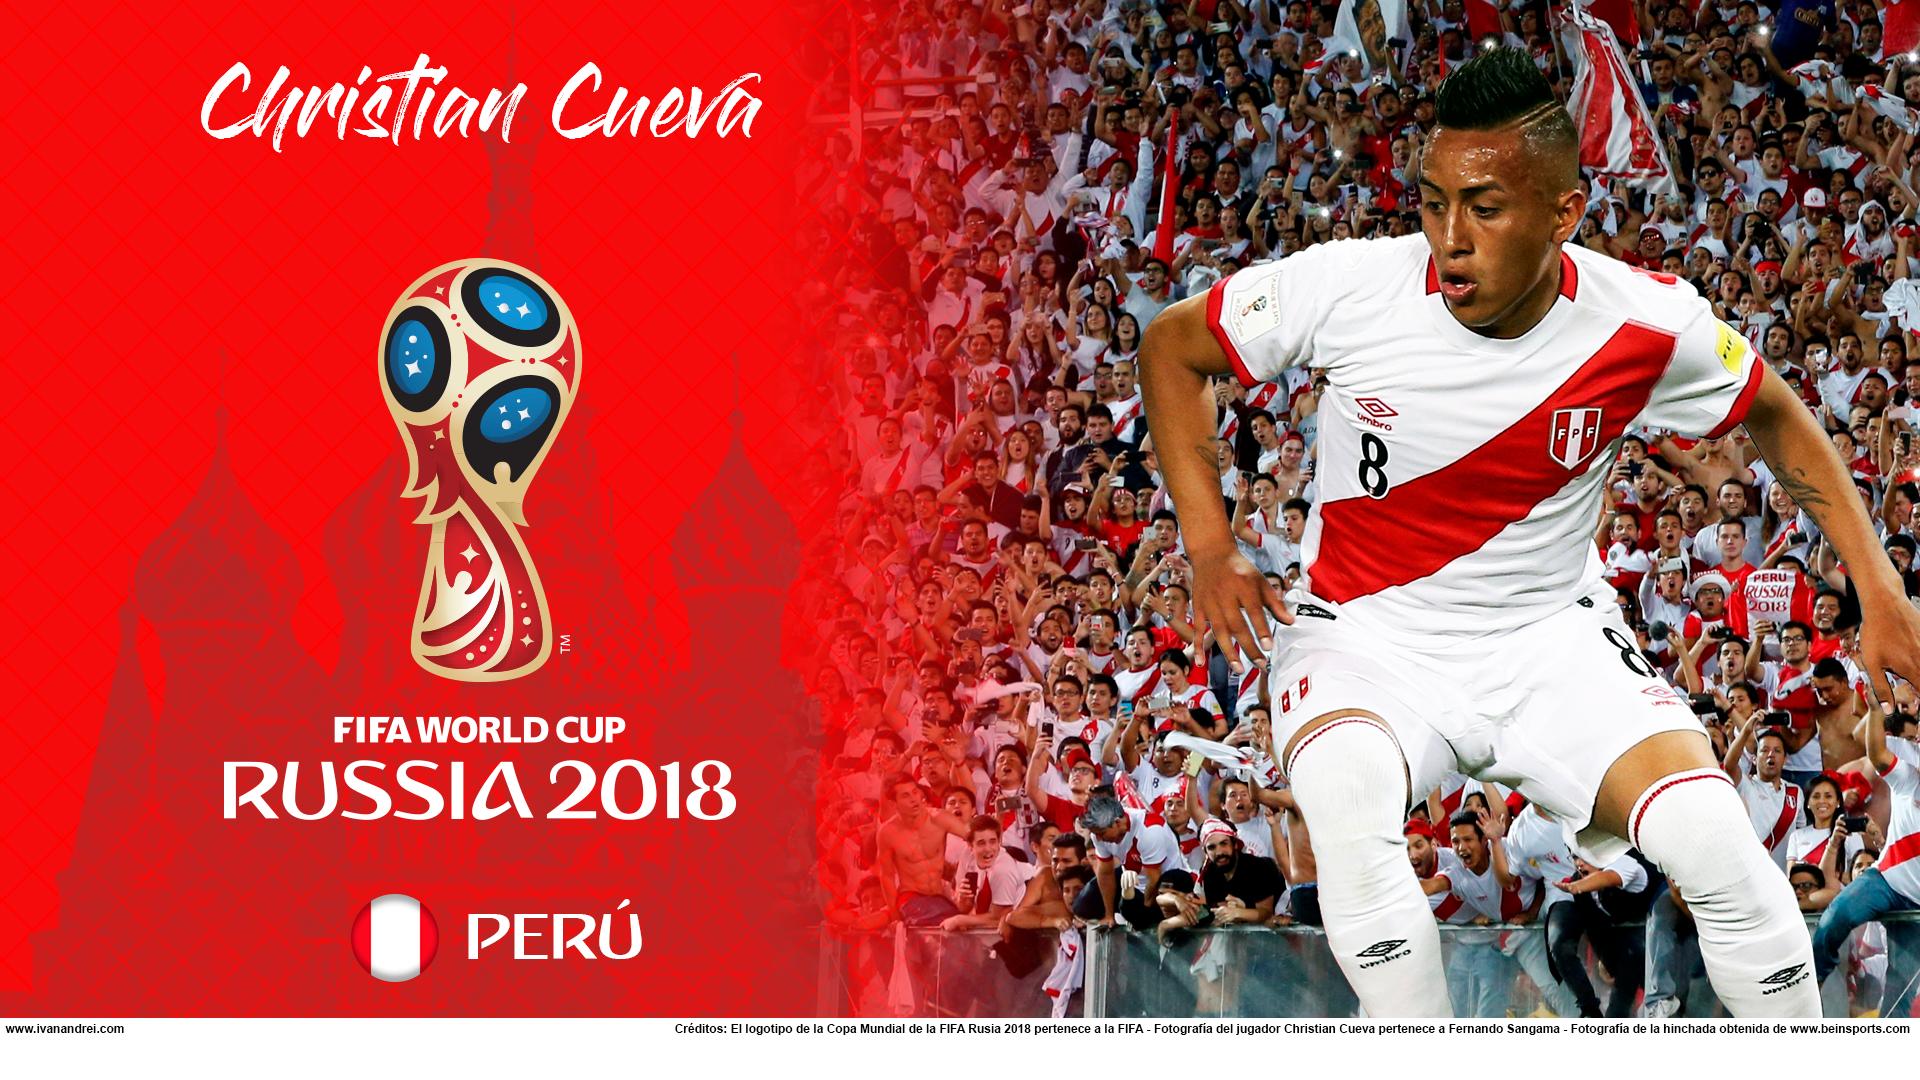 Wallpaper de Christian Cueva de Perú para la Copa Mundial de la FIFA - Rusia 2018 - Edición para PC (1920x1080)